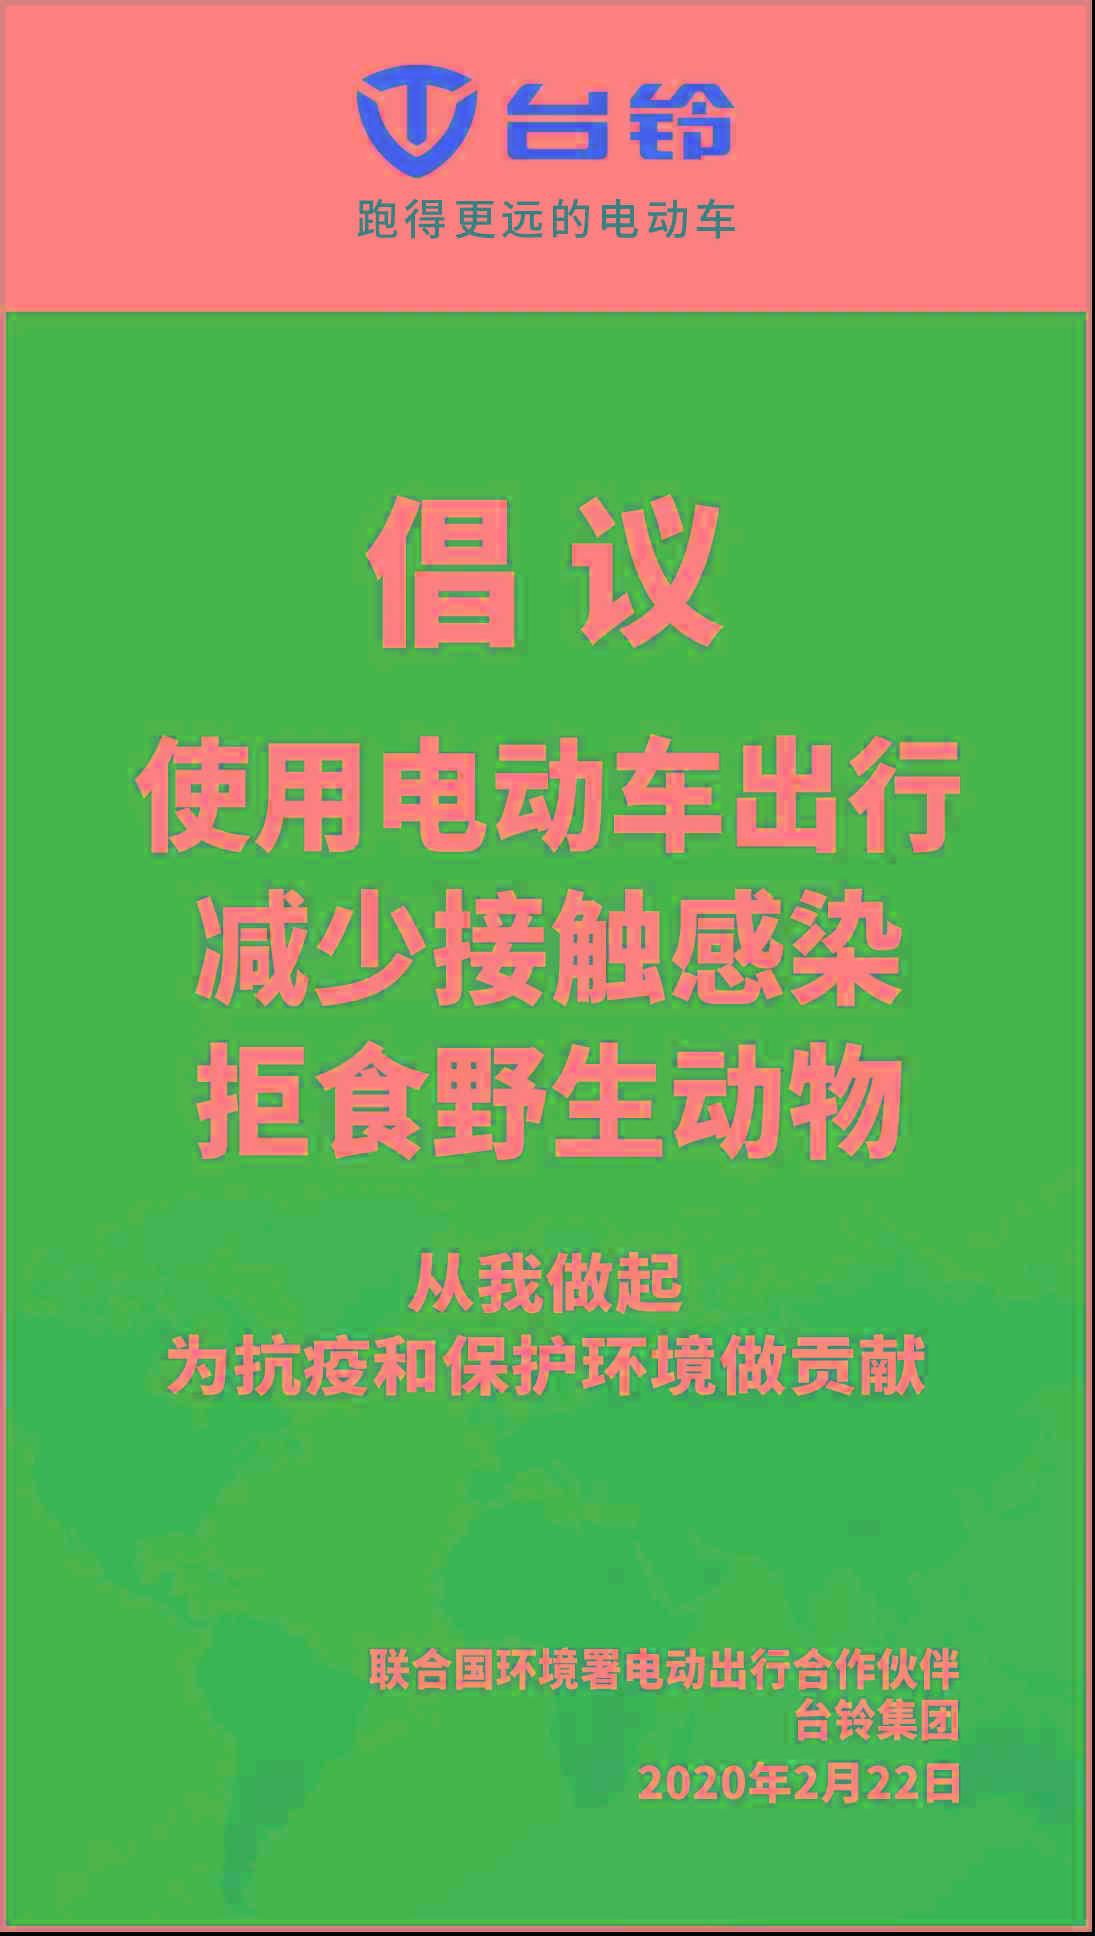 网上怎么能赚钱:联合国环境署声援中国抗疫 其全球电动出行合作伙伴台铃倡议全民电动出行